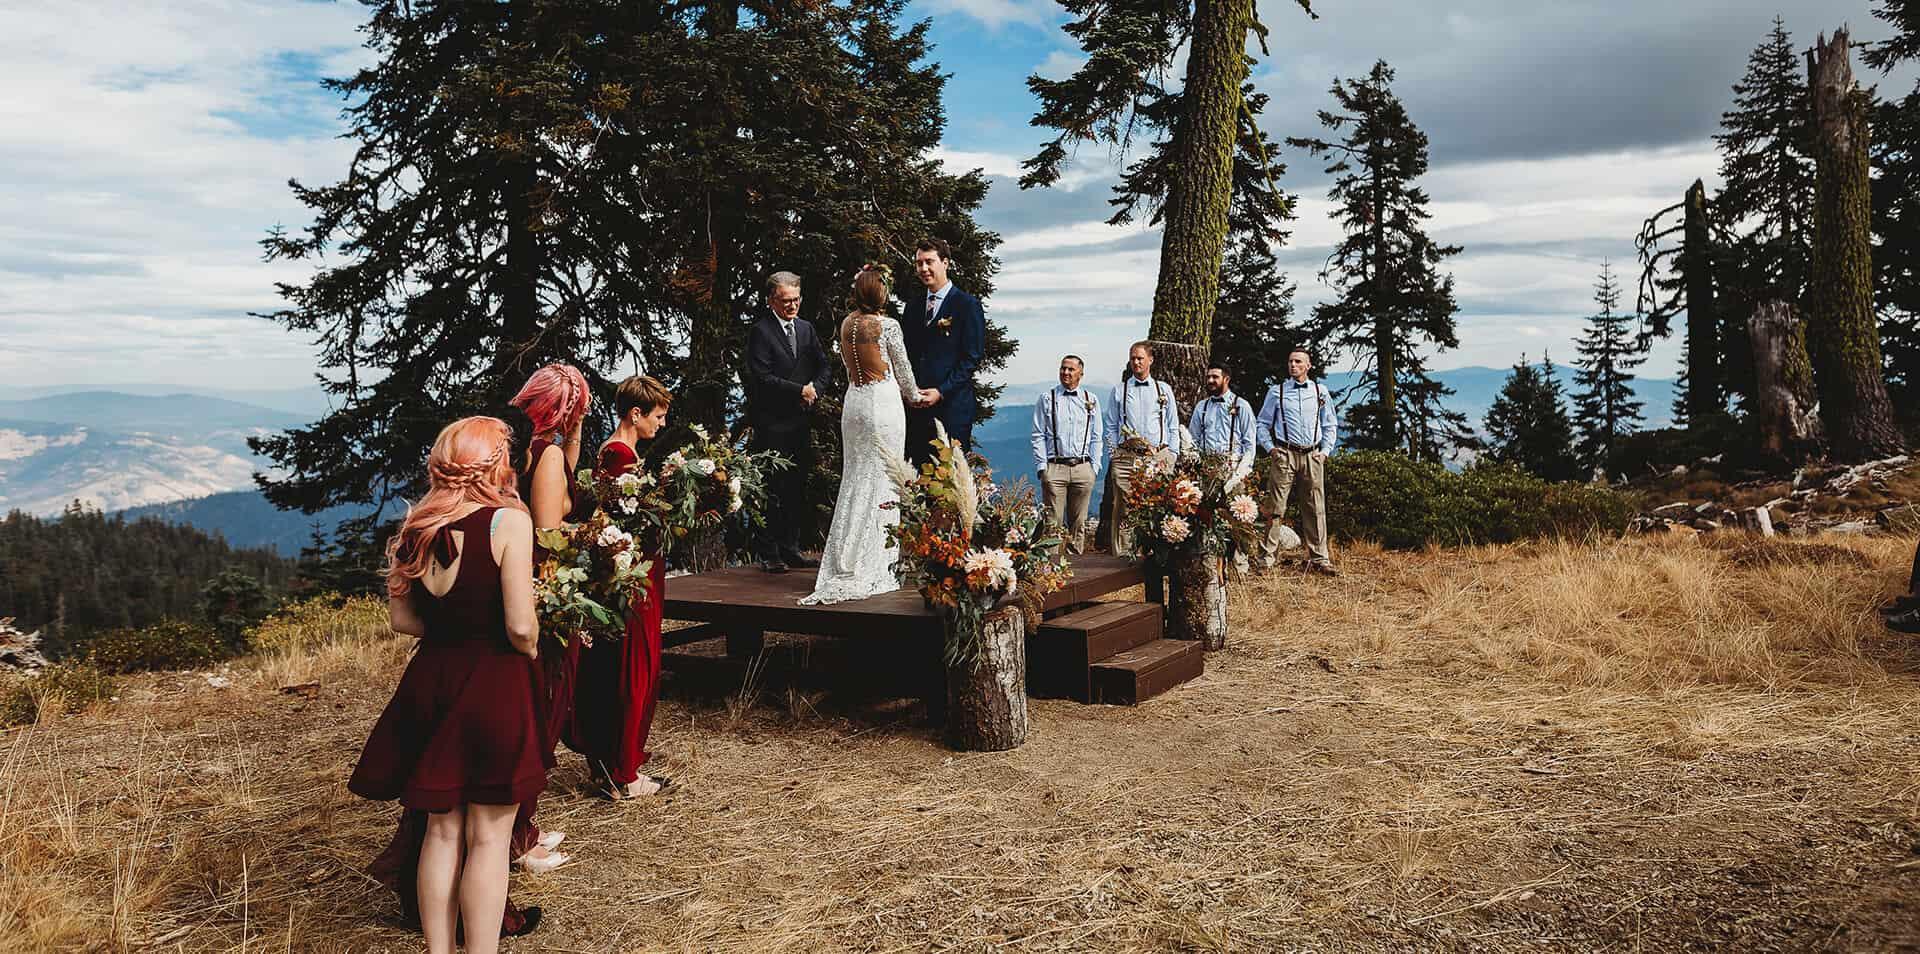 Mt. Ashland is a beautiful wedding venue in Ashland, Oregon